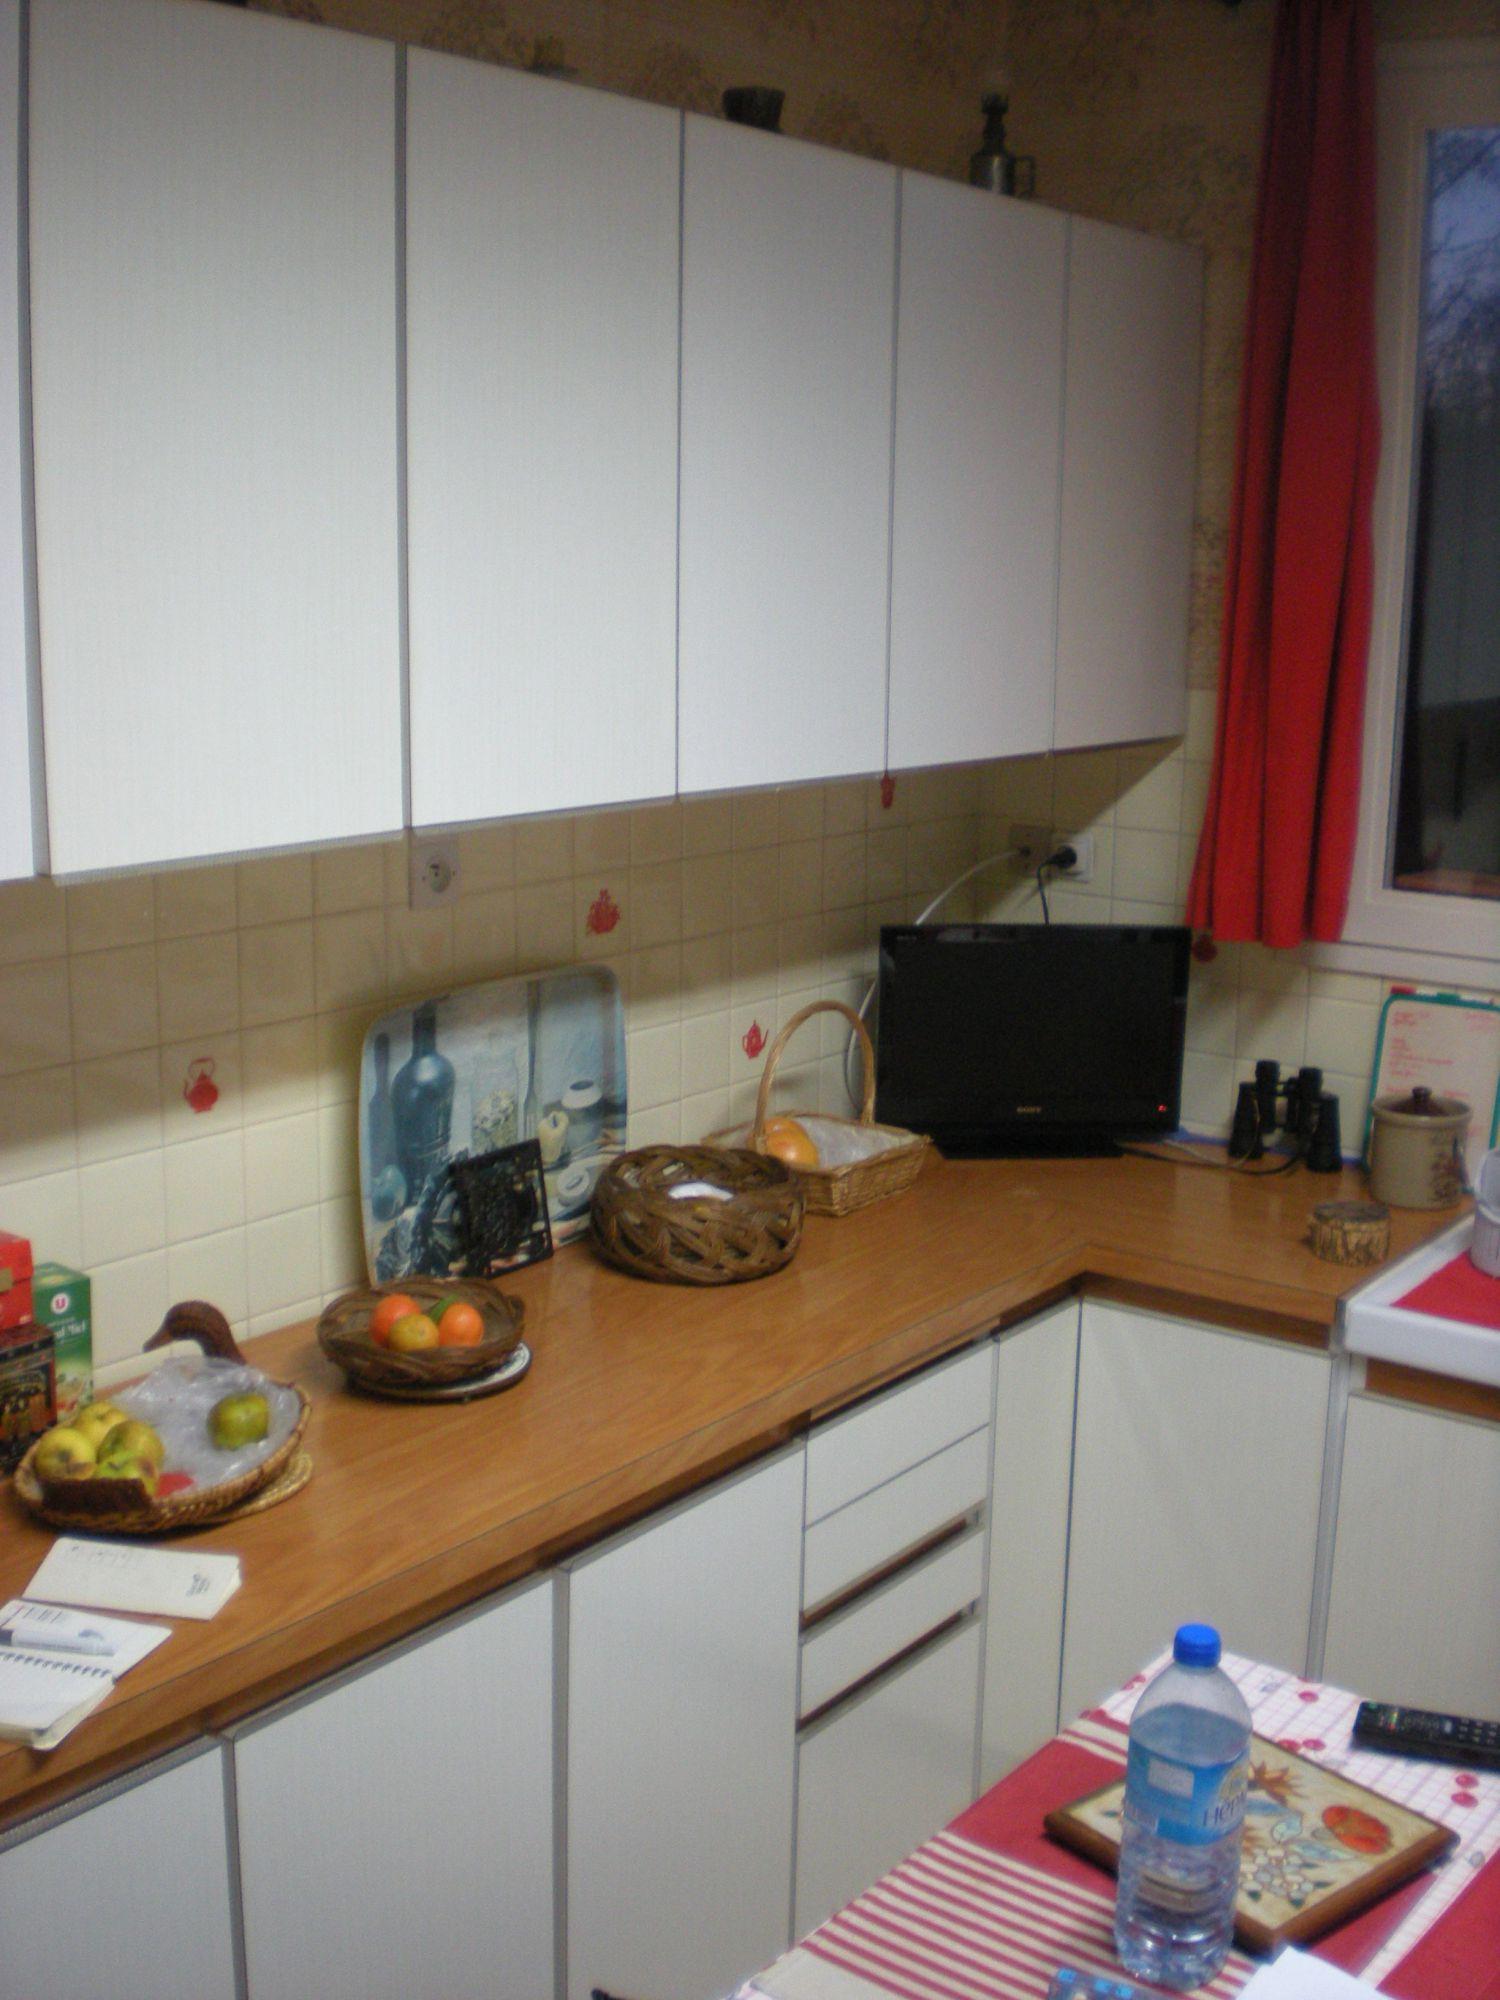 cuisine-1-edl